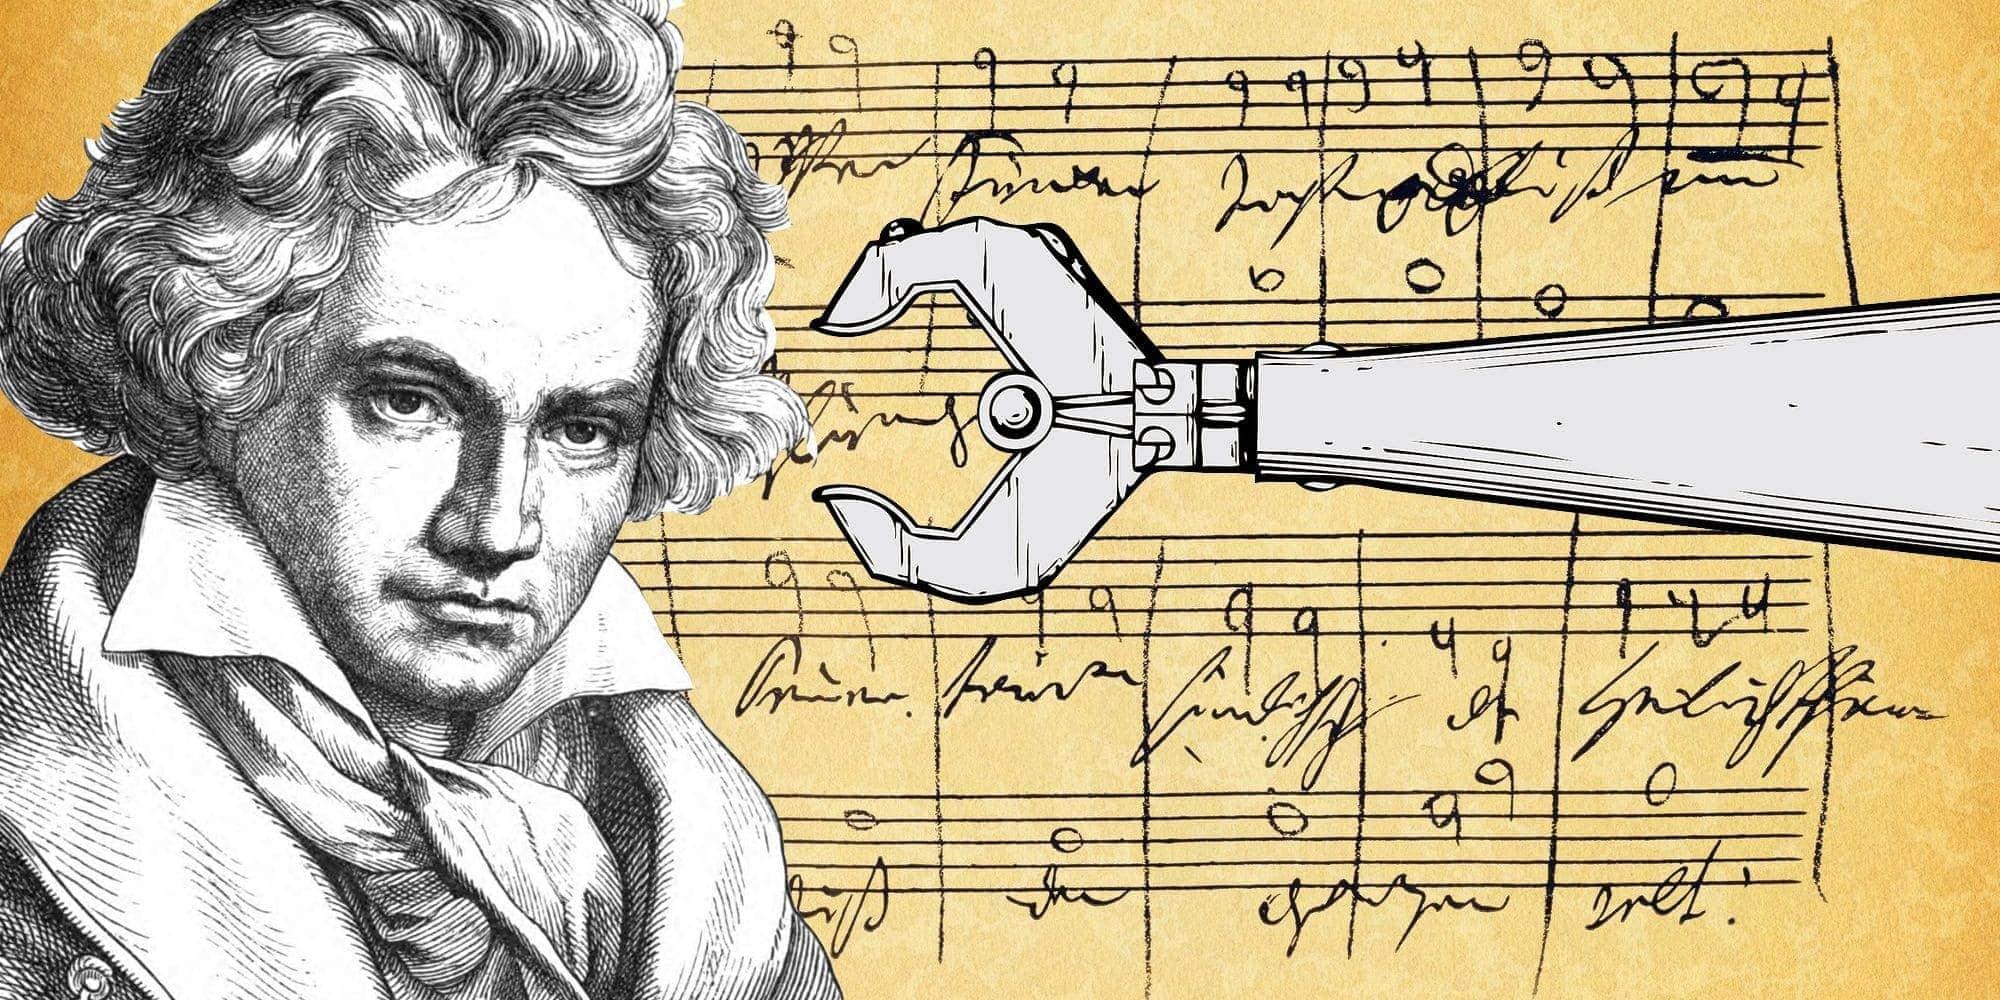 Десятую симфонию Бетховена дописал искусственный интеллект